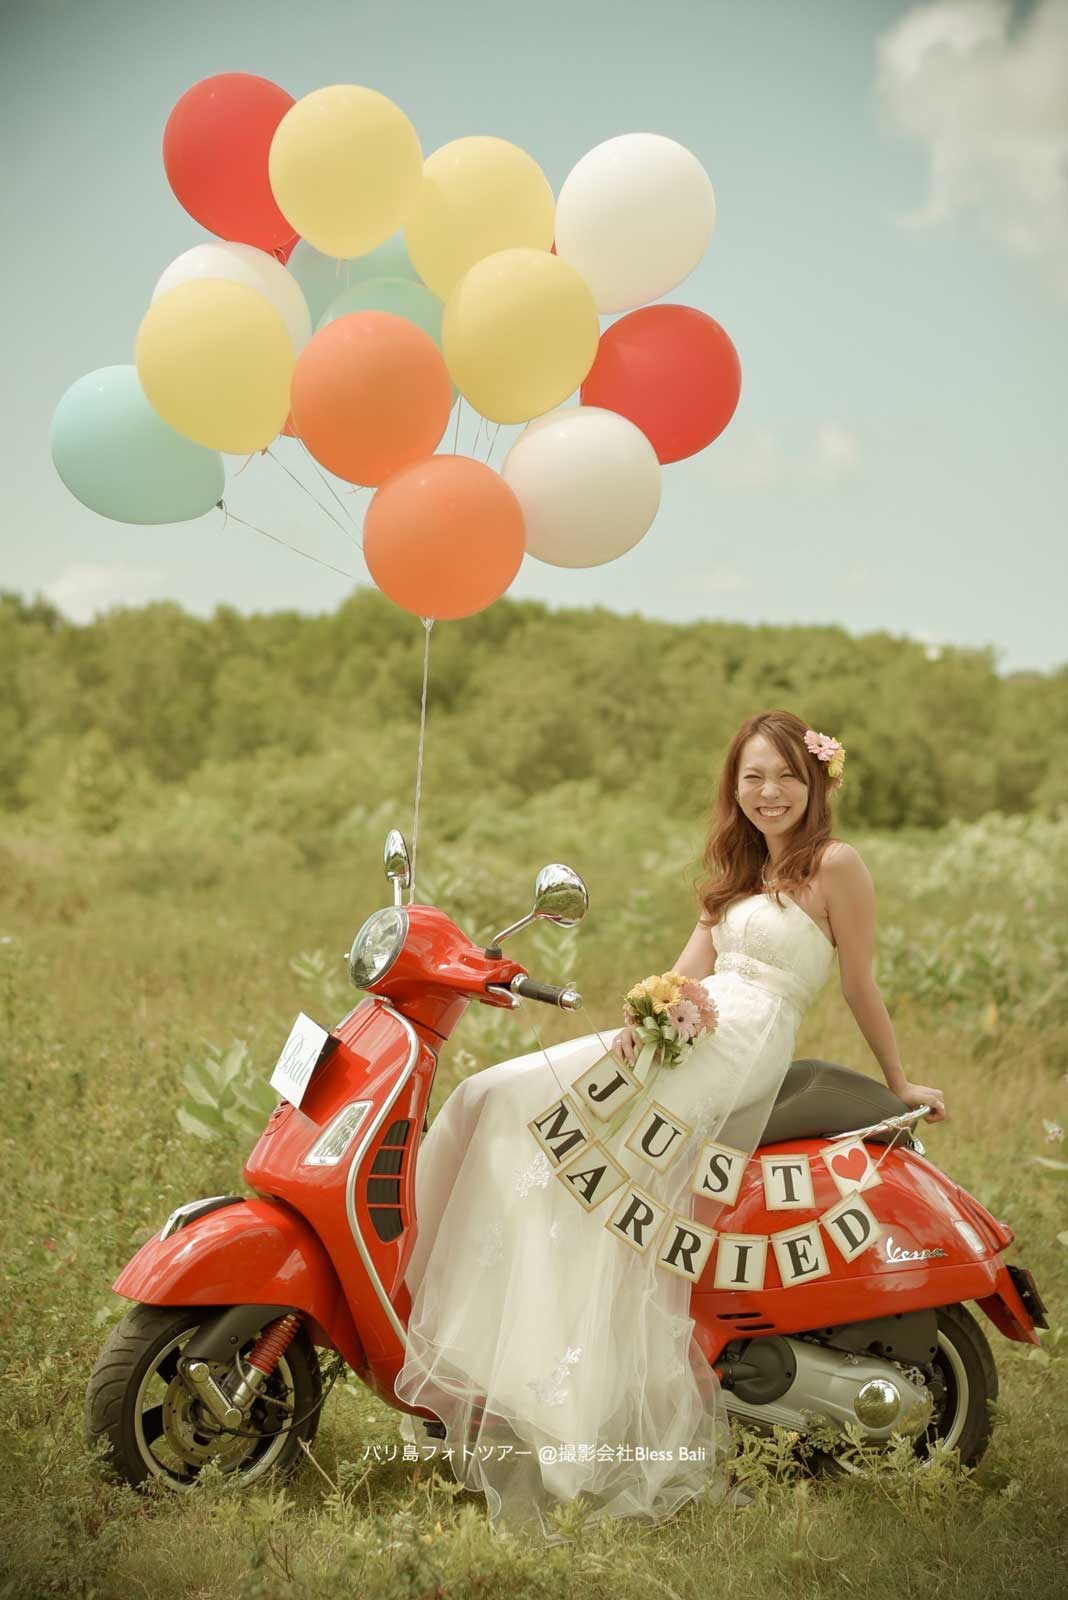 花嫁と真っ赤なバイクと風船